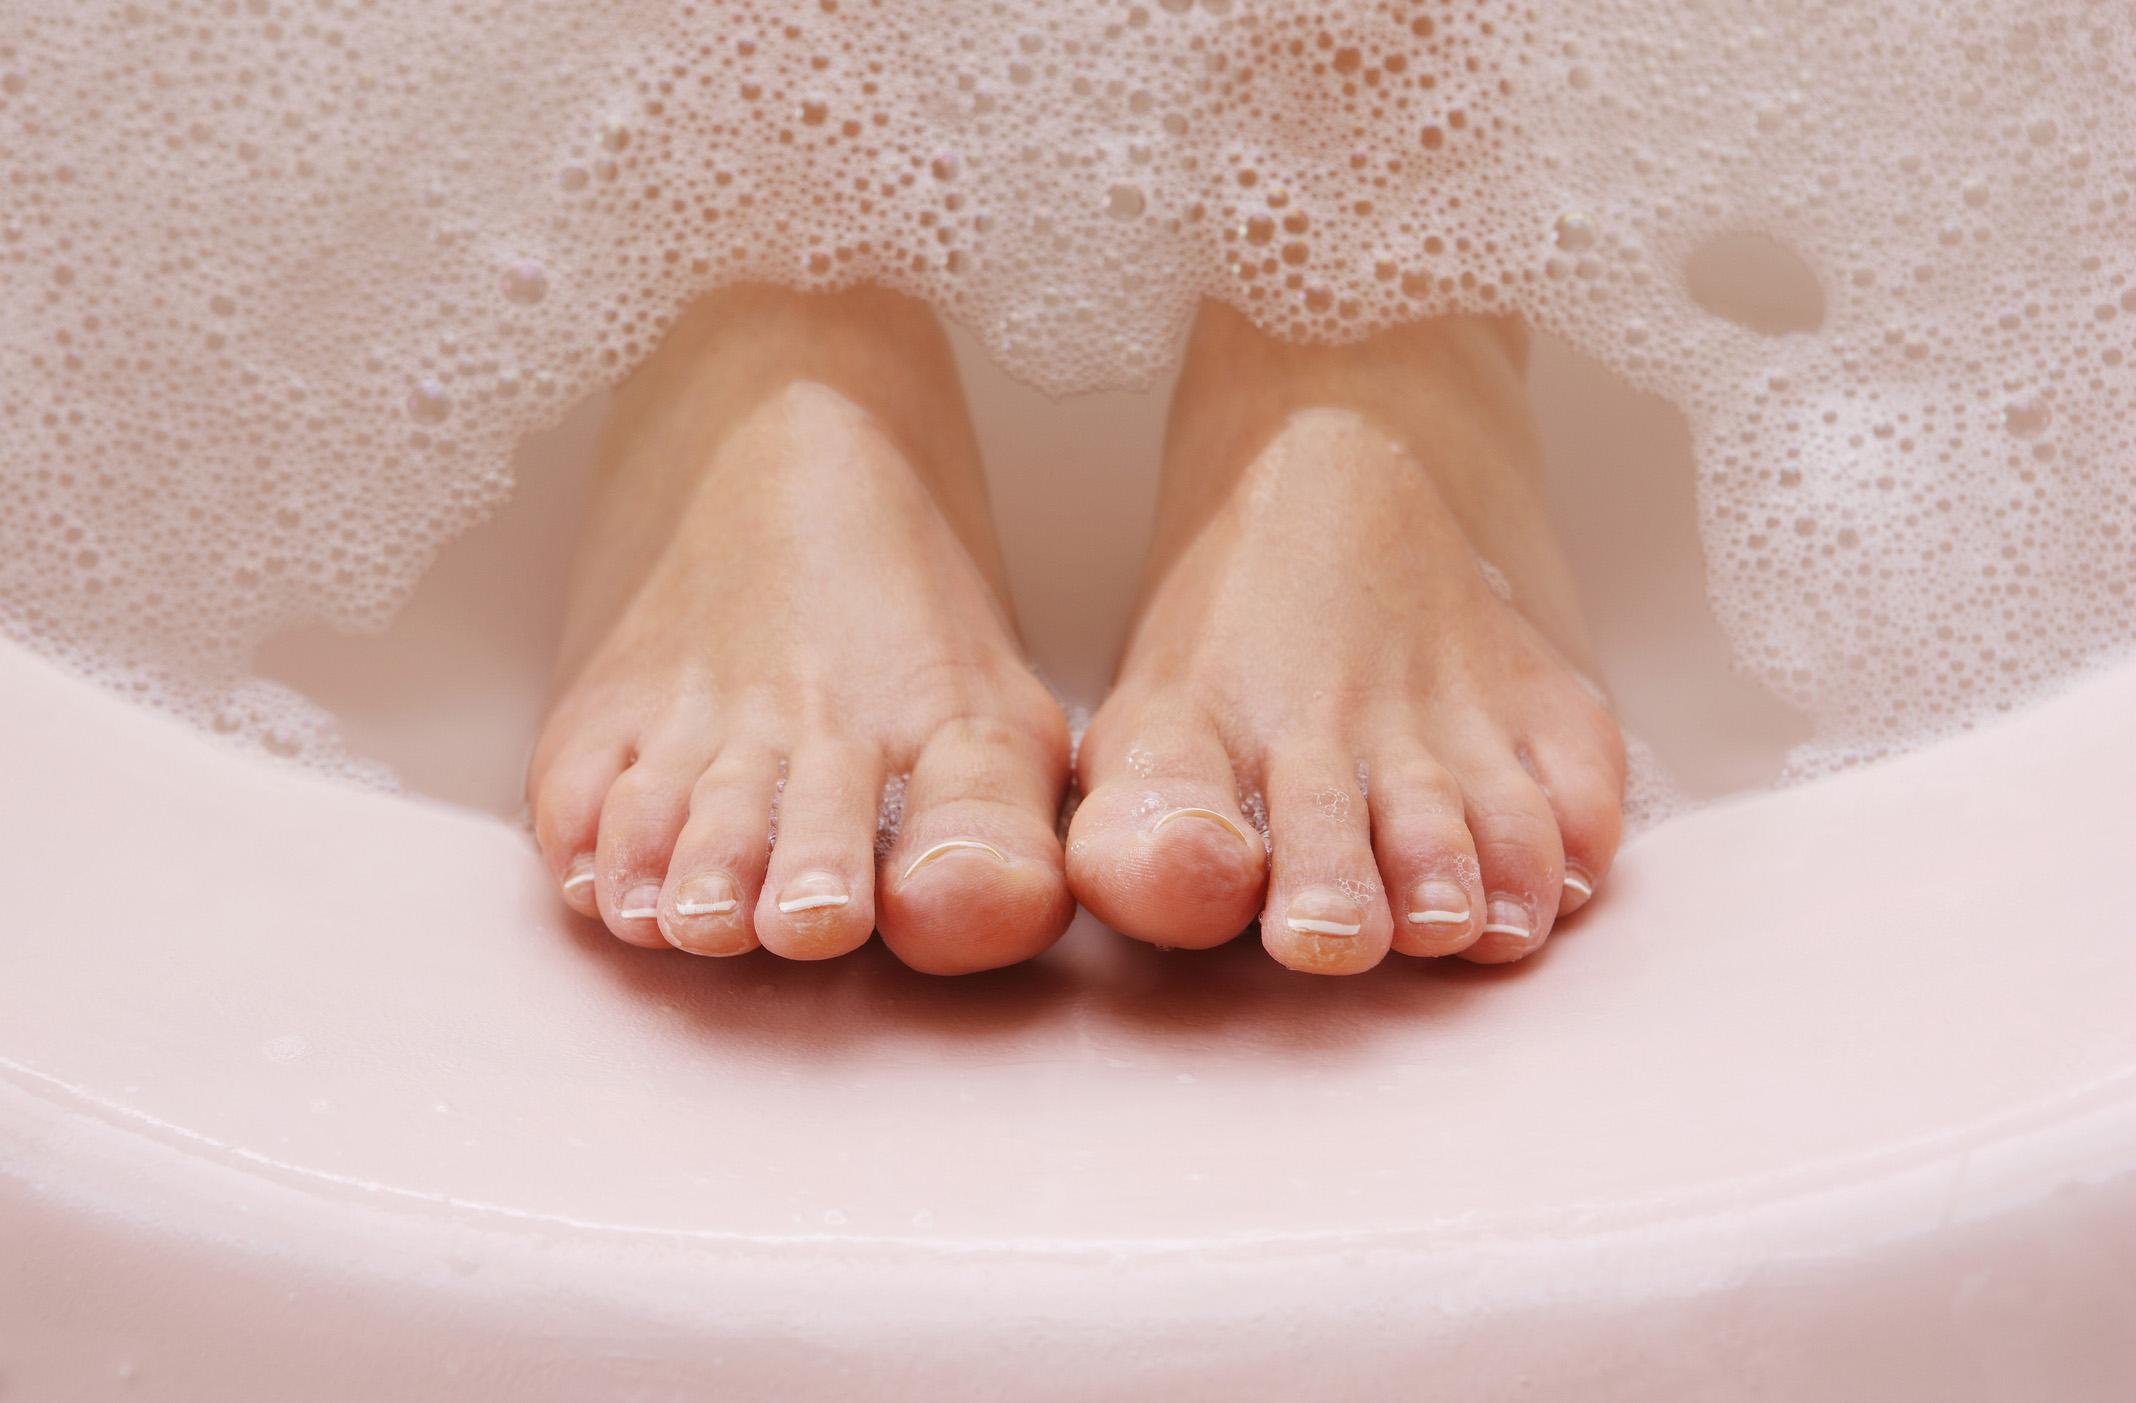 segít a boka sérülésein a lábízület kezelésének megsemmisítése